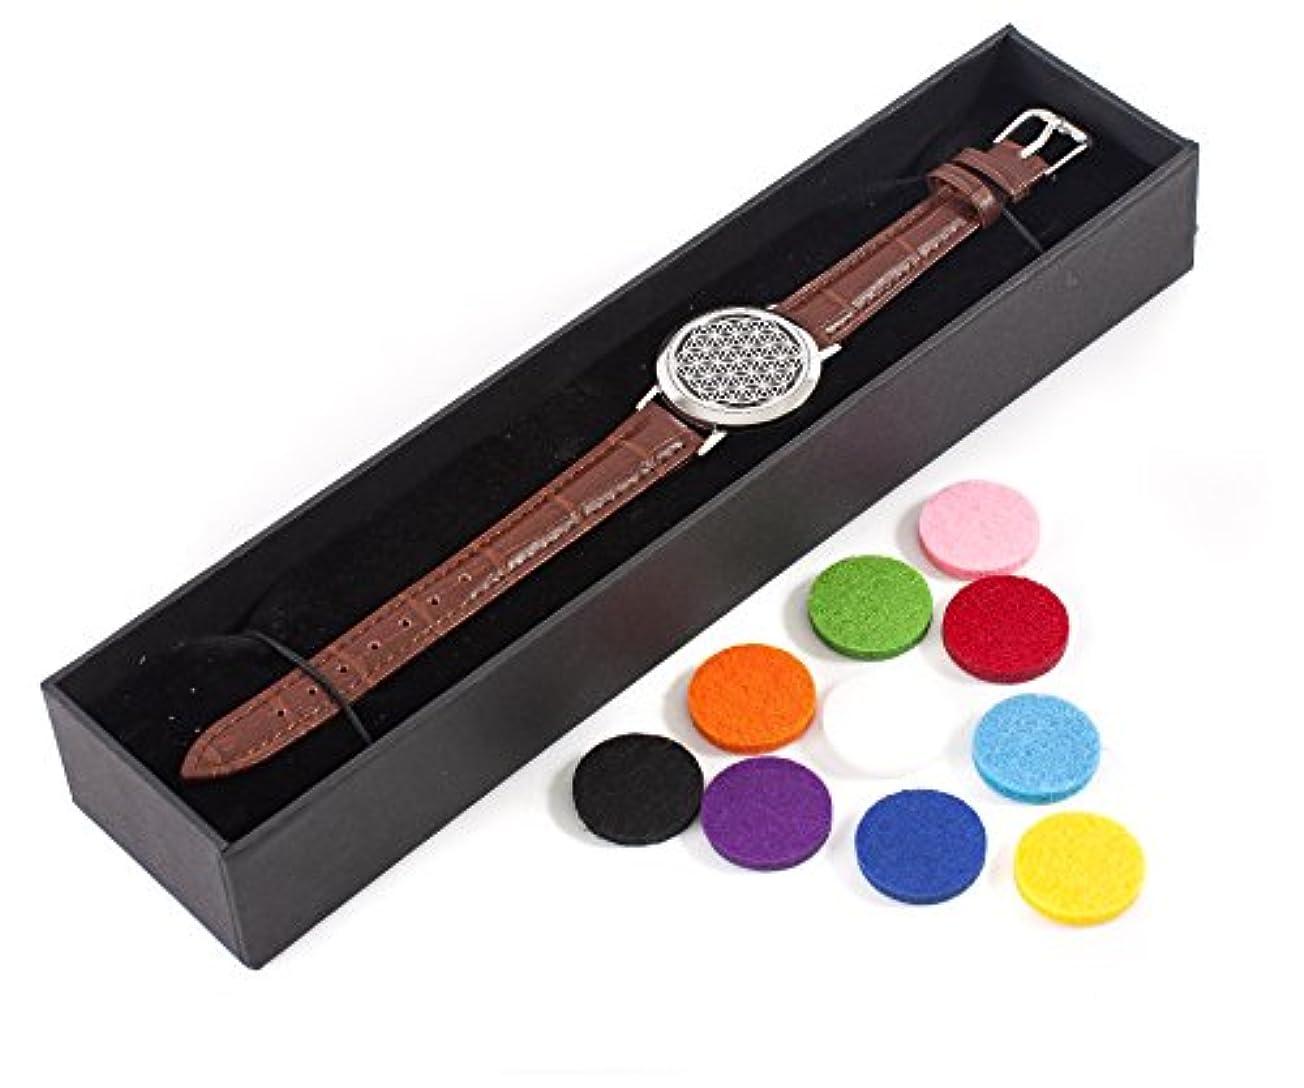 却下するフックレーニン主義Mystic Moments | Flower of Life | Aromatherapy Oil Diffuser Bracelet with Adjustable Brown Leather Strap